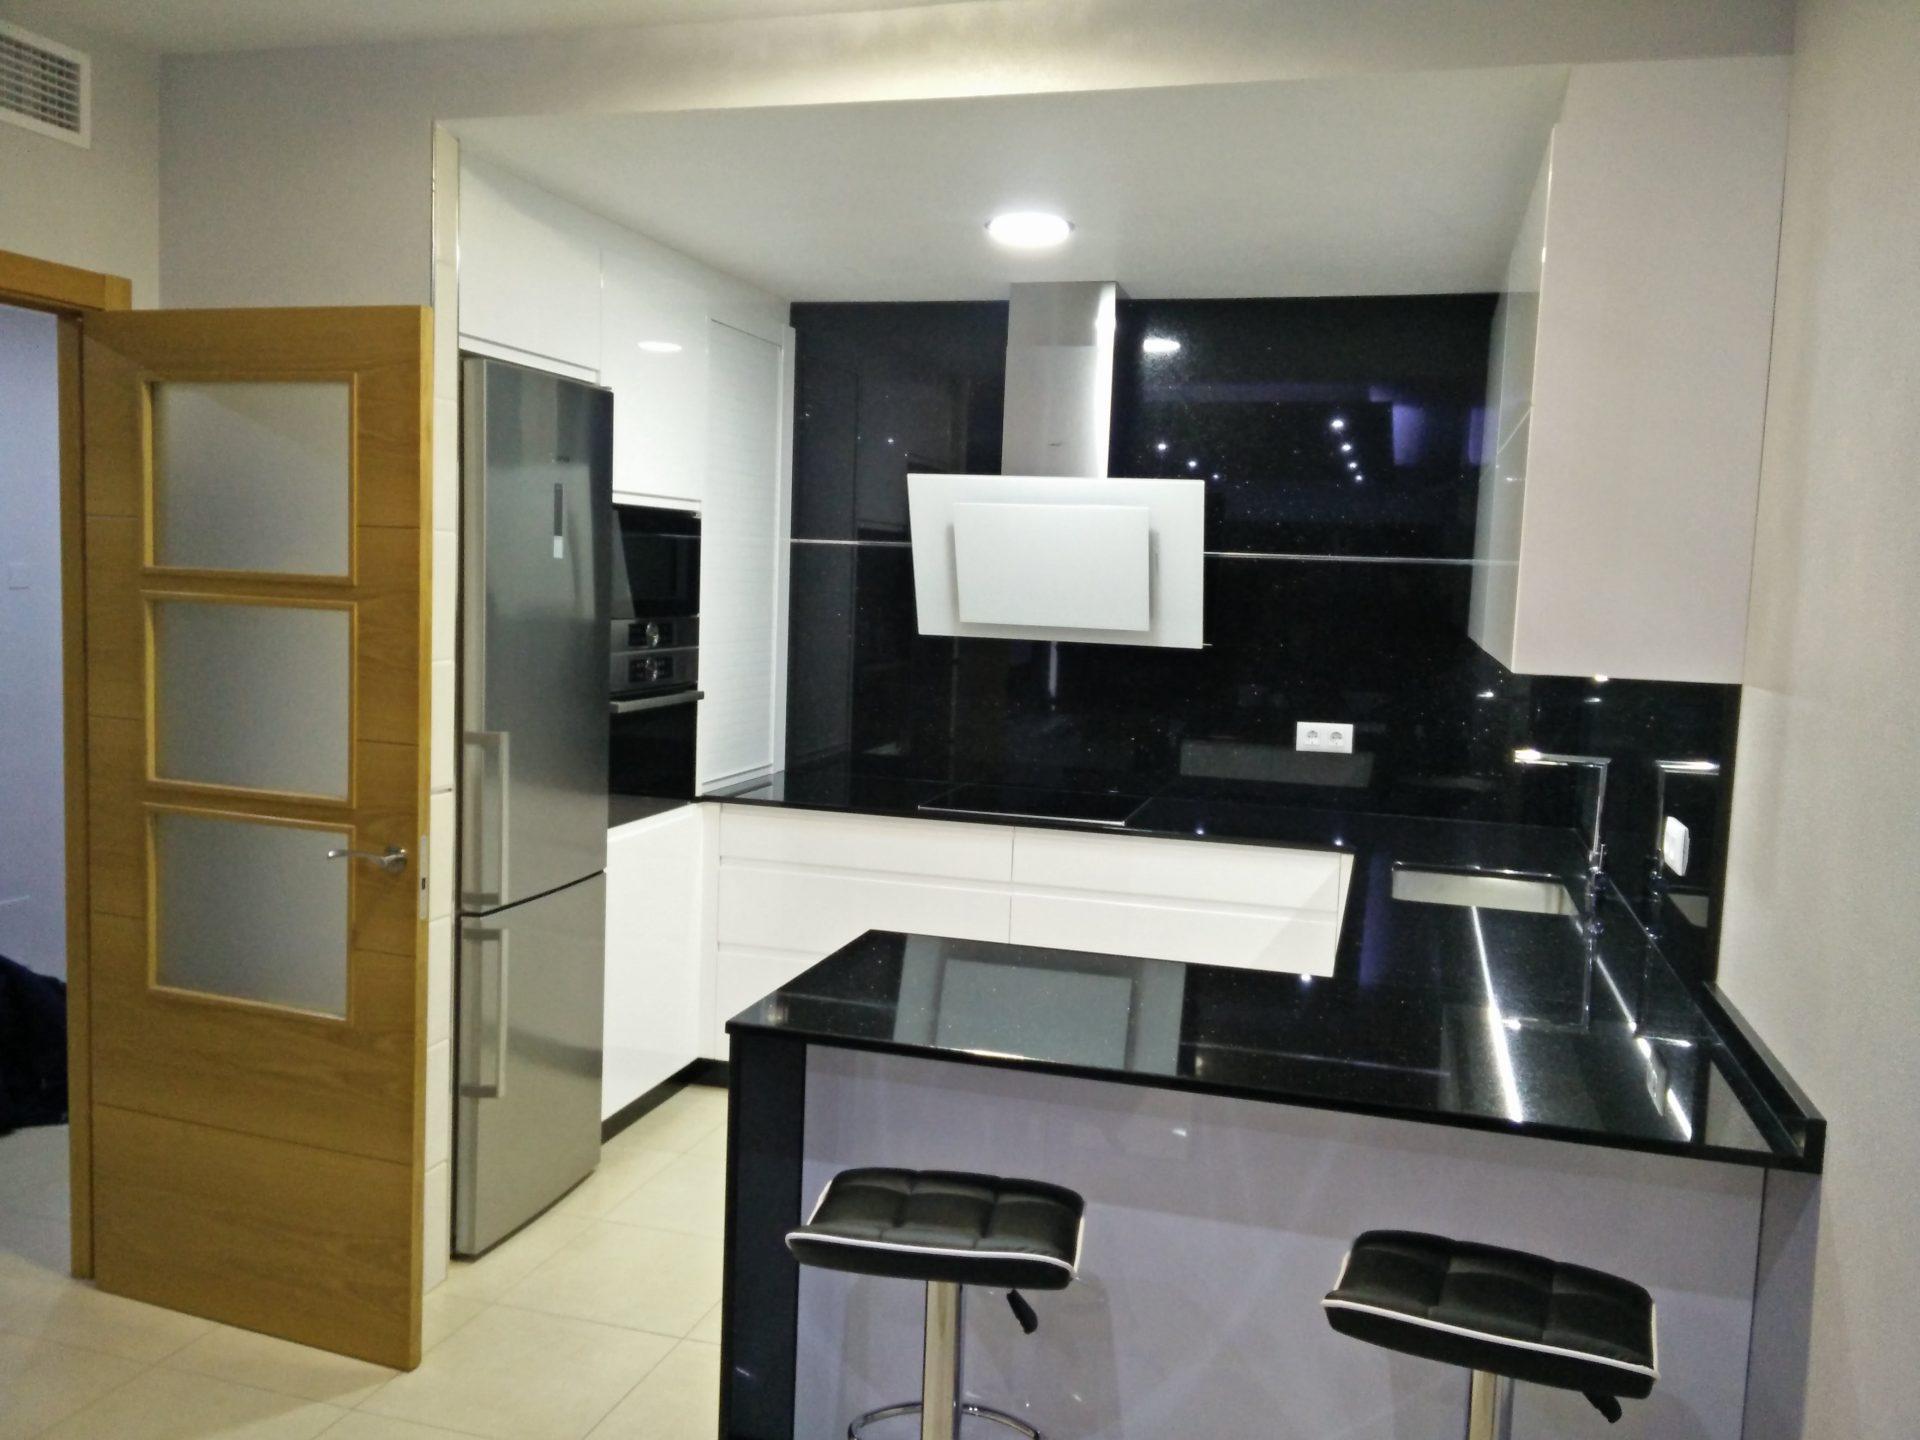 Cocina en blanco y negro estudio de cocinas sica for Encimera de cocina lacada en blanco negro